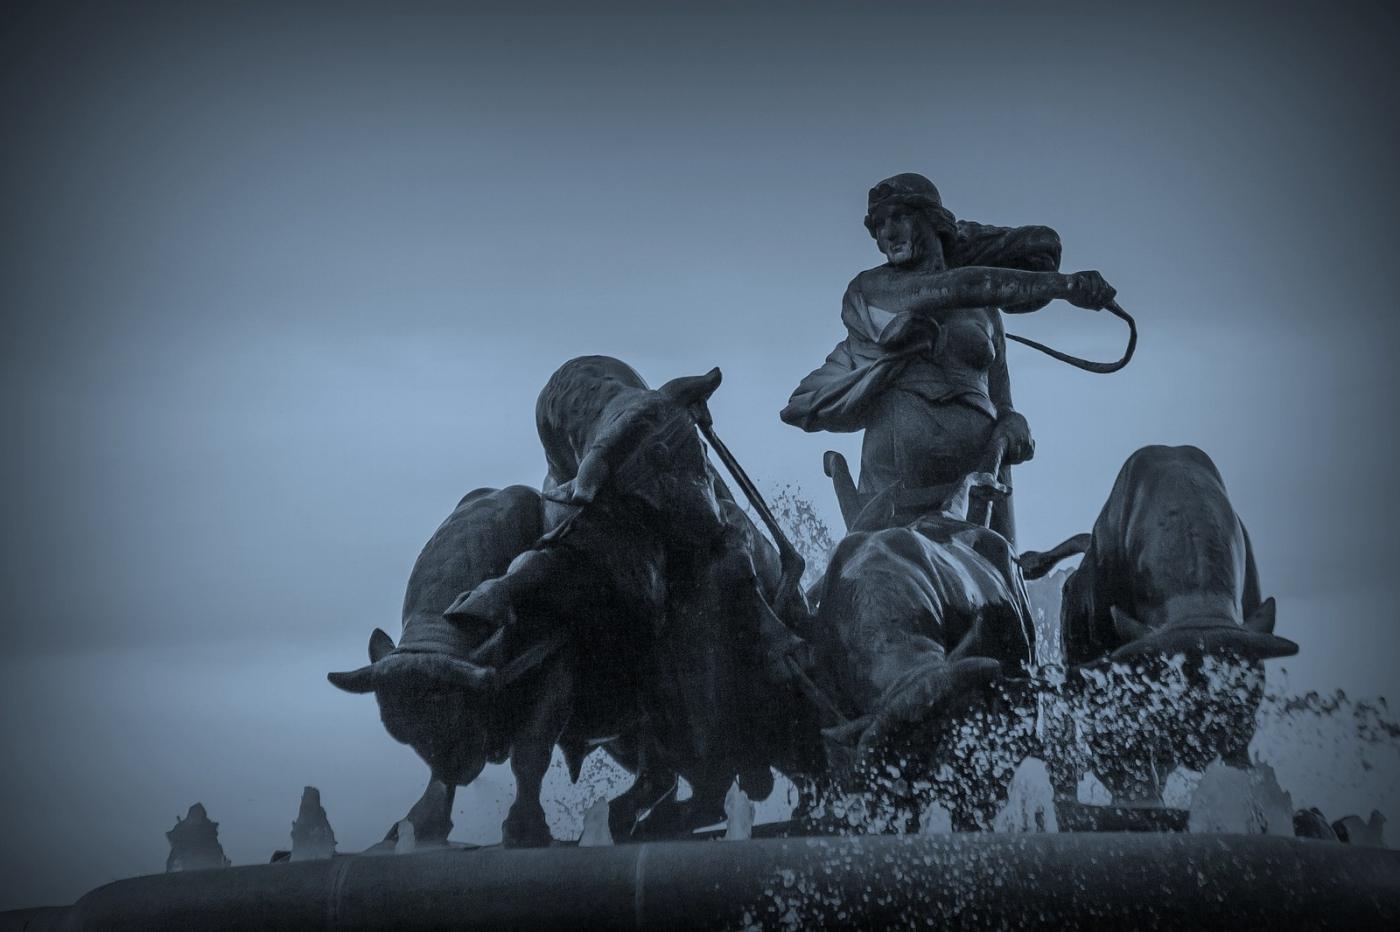 丹麦美人鱼雕像,雕塑家妻子为蓝本_图1-10